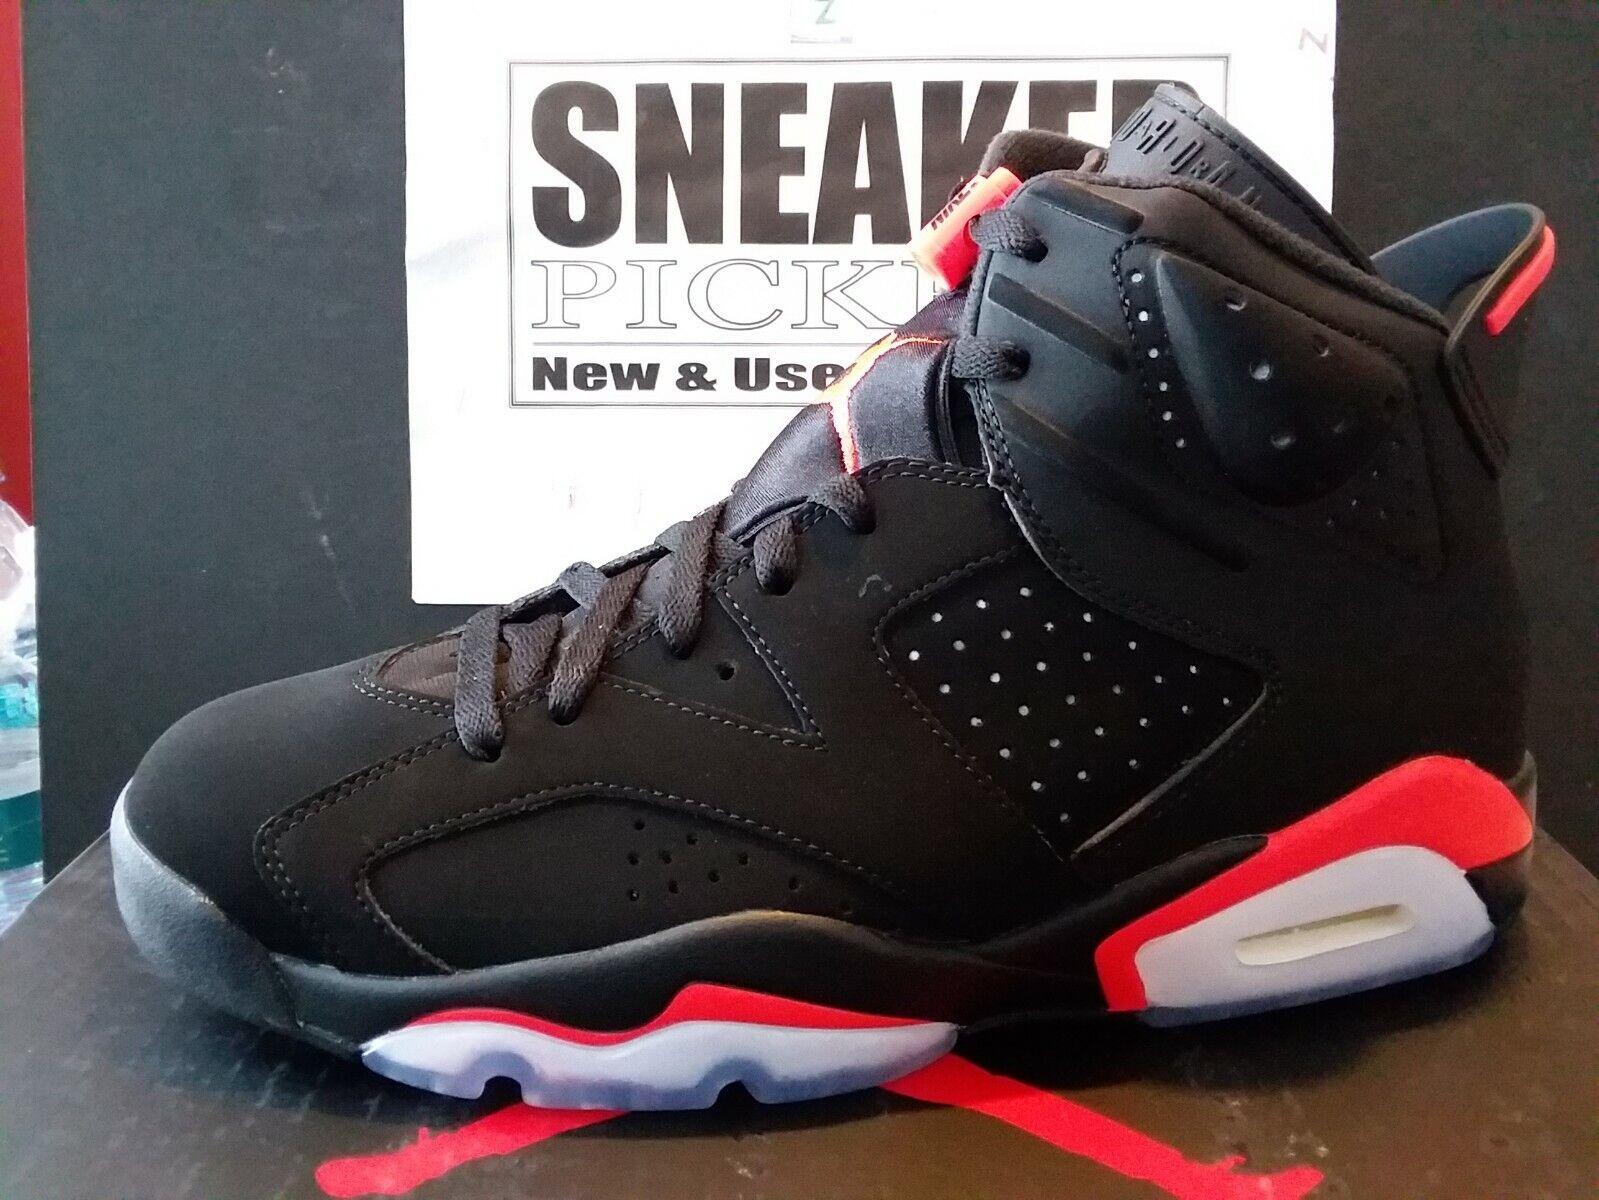 Air Jordan 6 Retro OG - Black   Infrared - 384664 060 - Mens 9.5   Womens 11